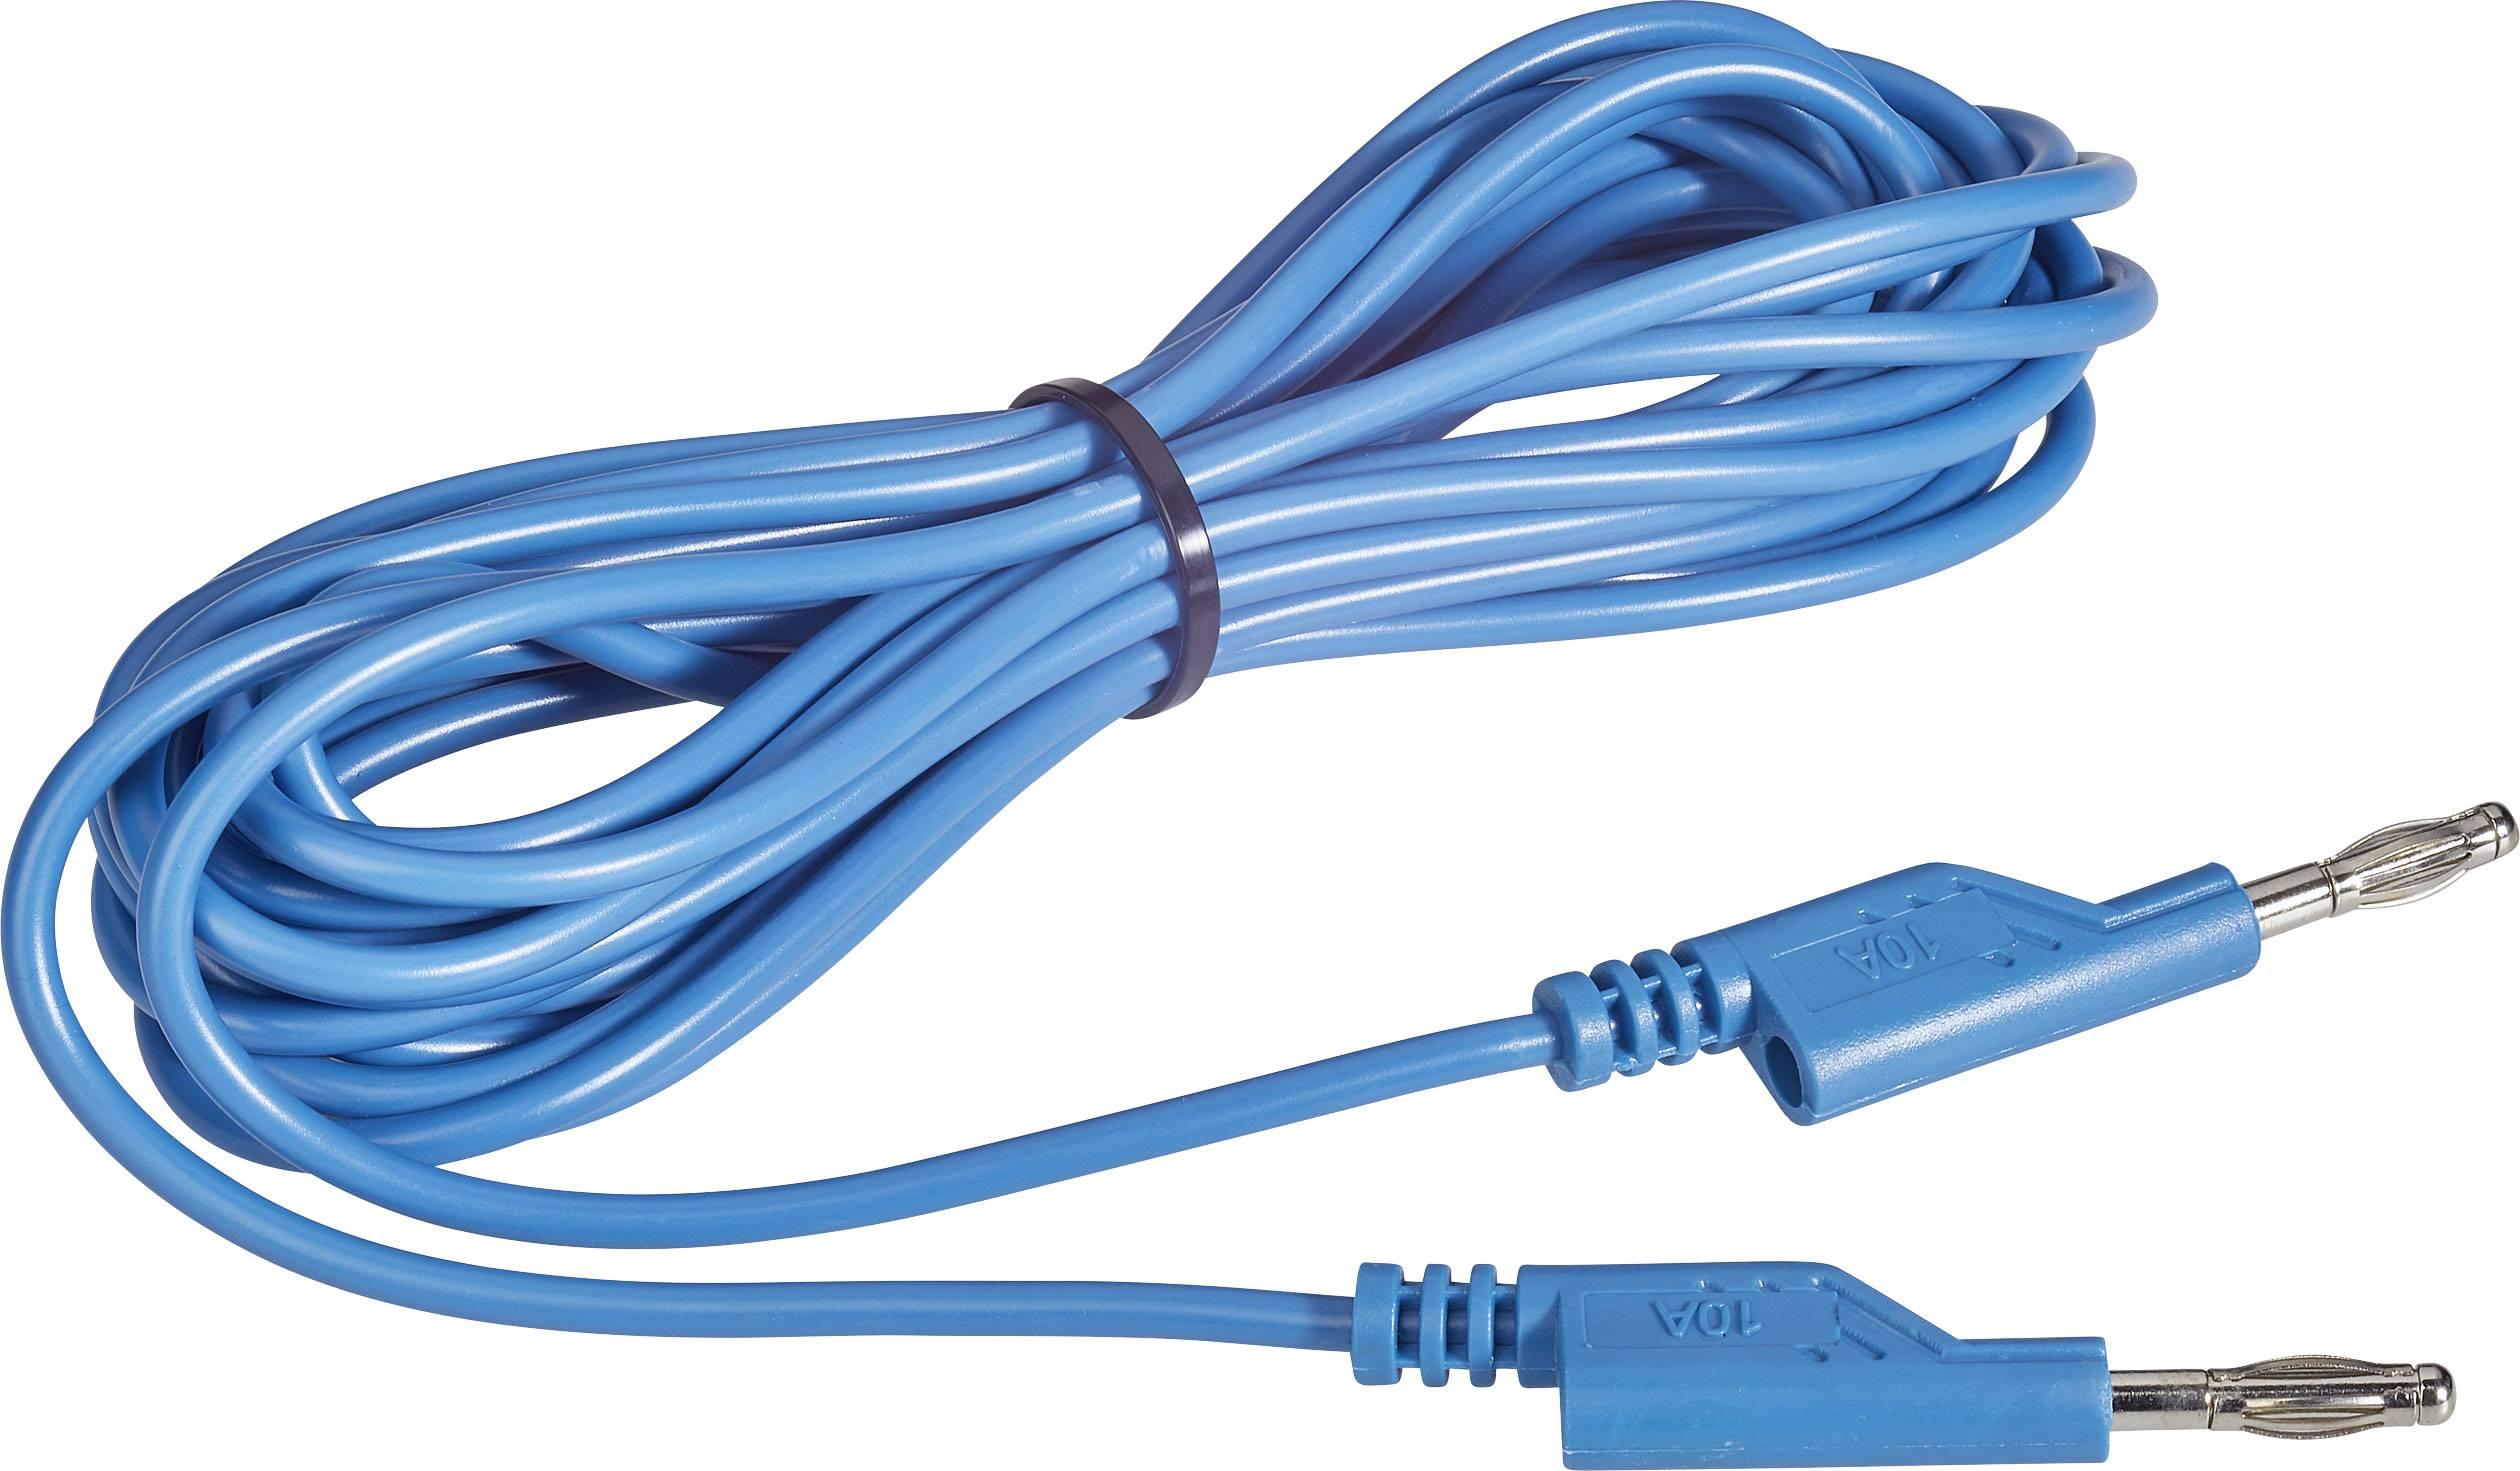 Sada měřicích kabelů banánek 4 mm ⇔ banánek 4 mm Voltcraft MS5/BL, 5 m, modrá